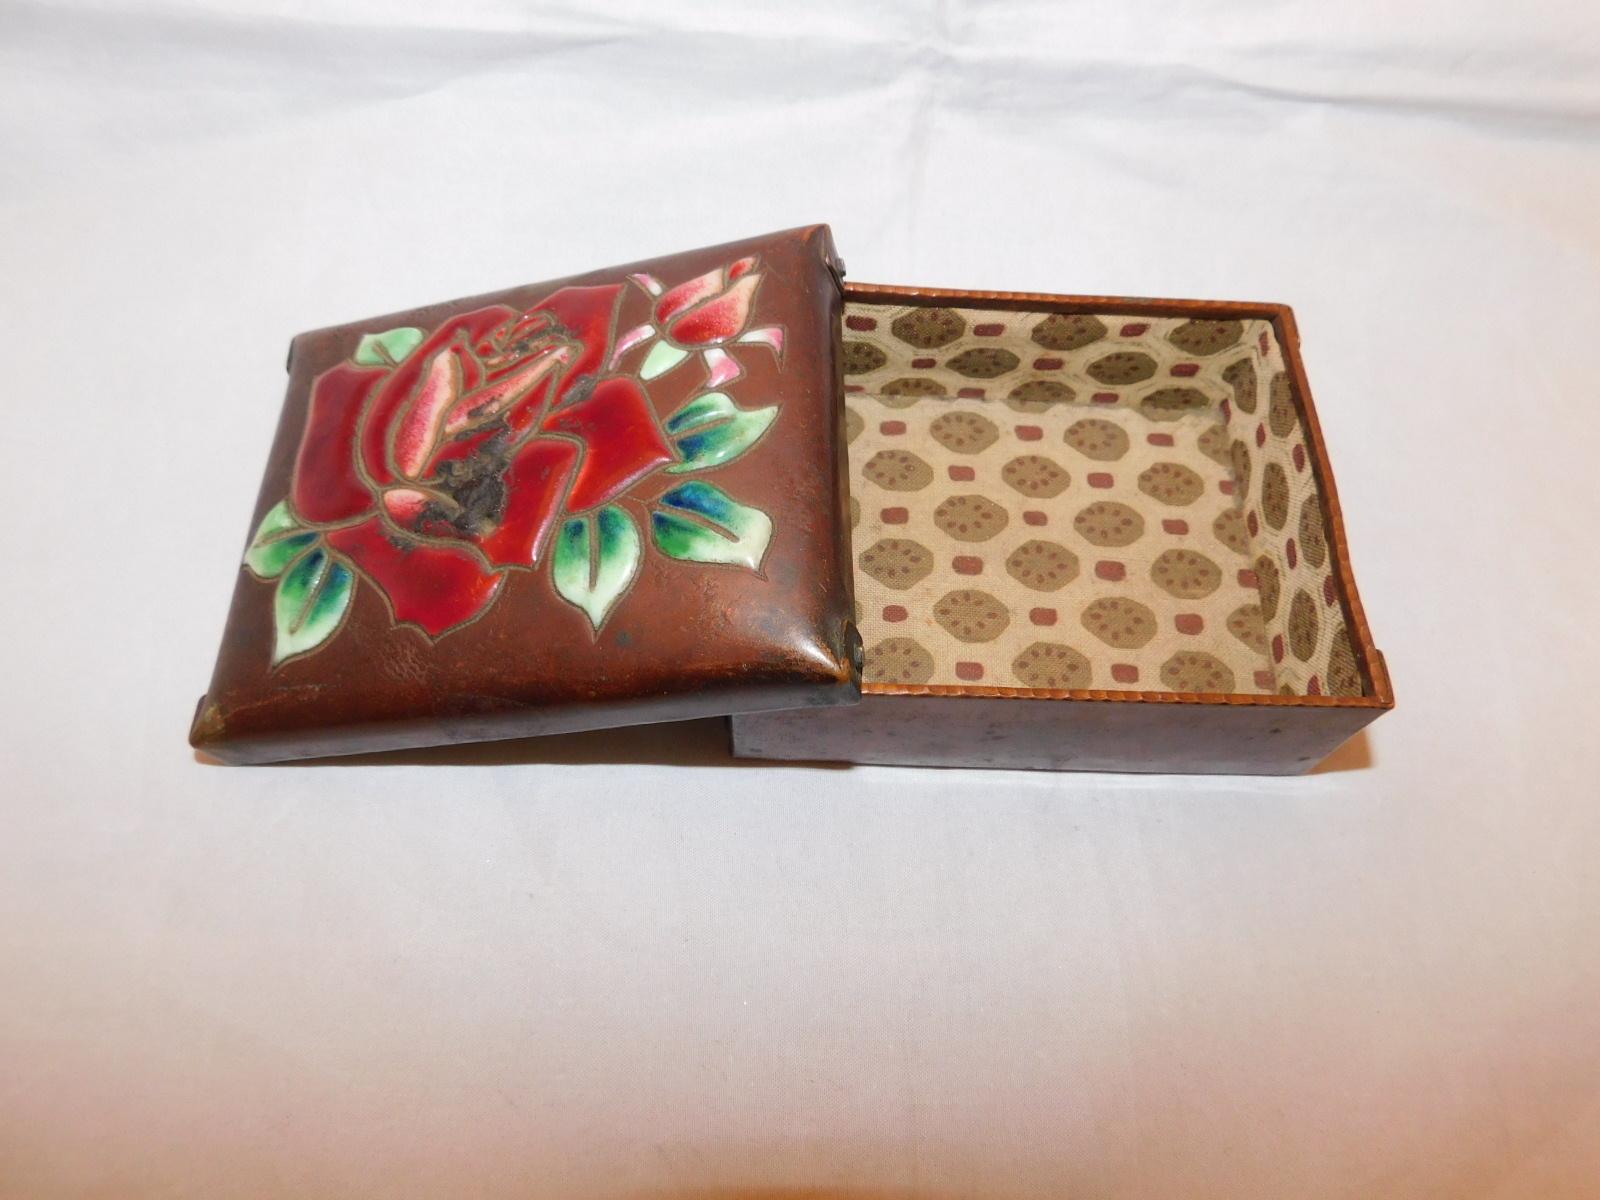 安藤七宝薔薇宝石入れ Ando cloisonne enamel jewelry case(rose)